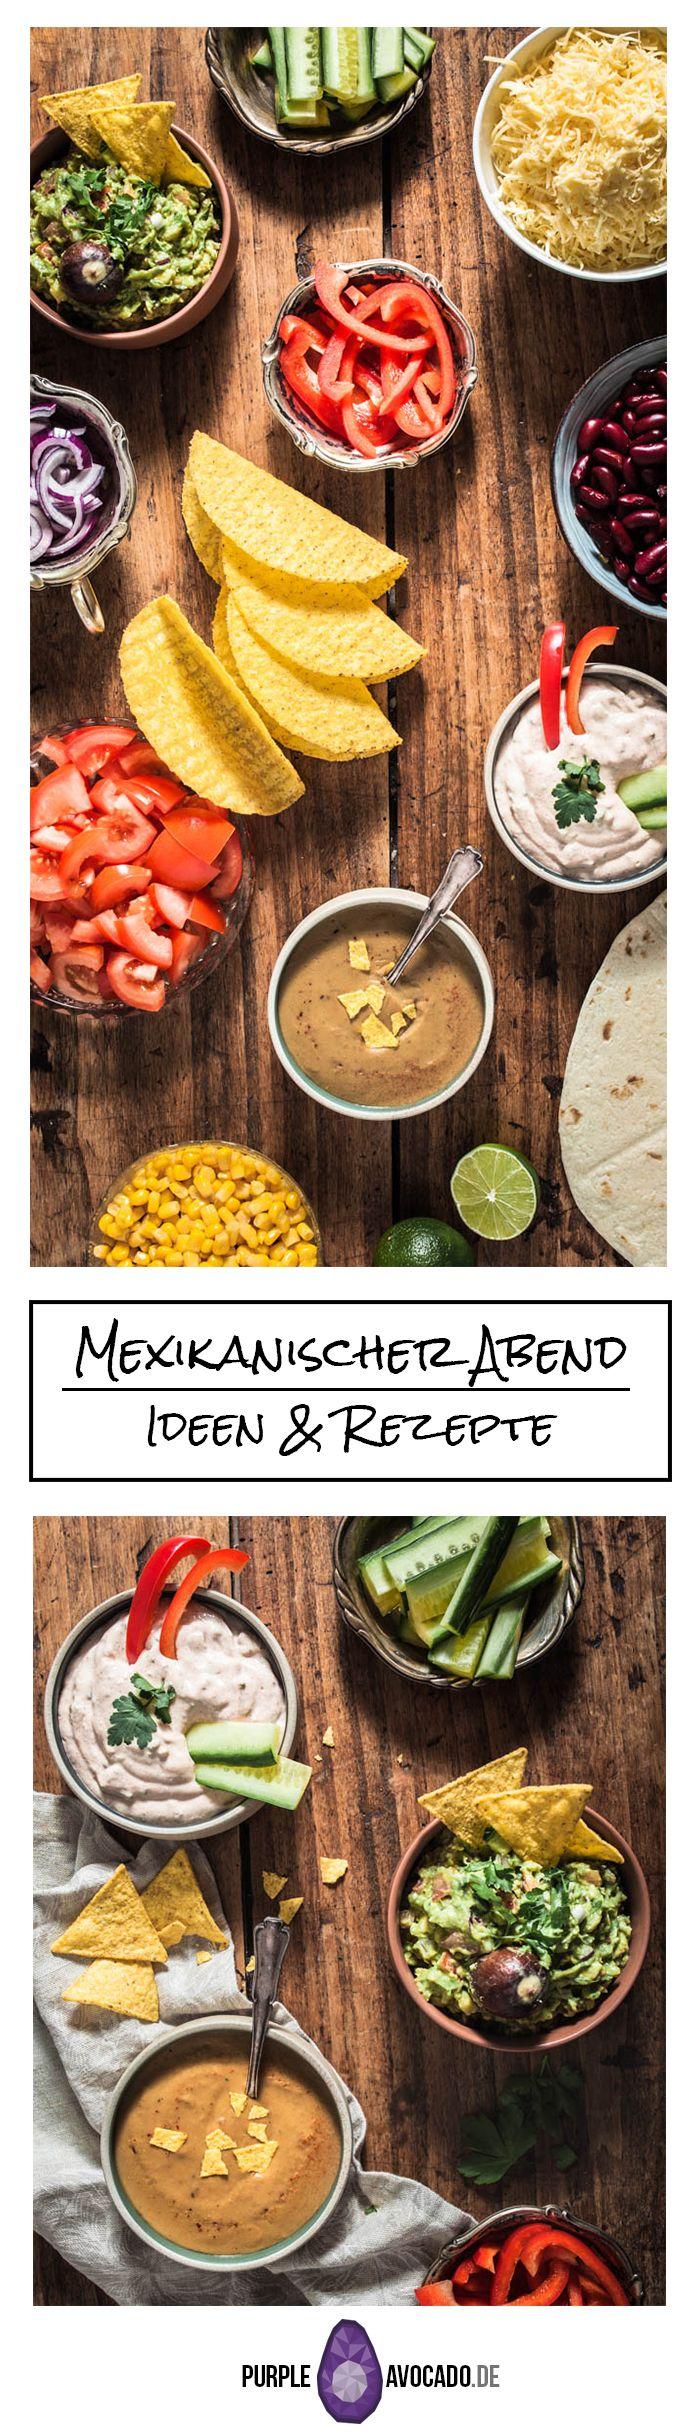 d6be9557bda59a8ca5aeb1ade556bb33 - Mexikanisches Rezepte